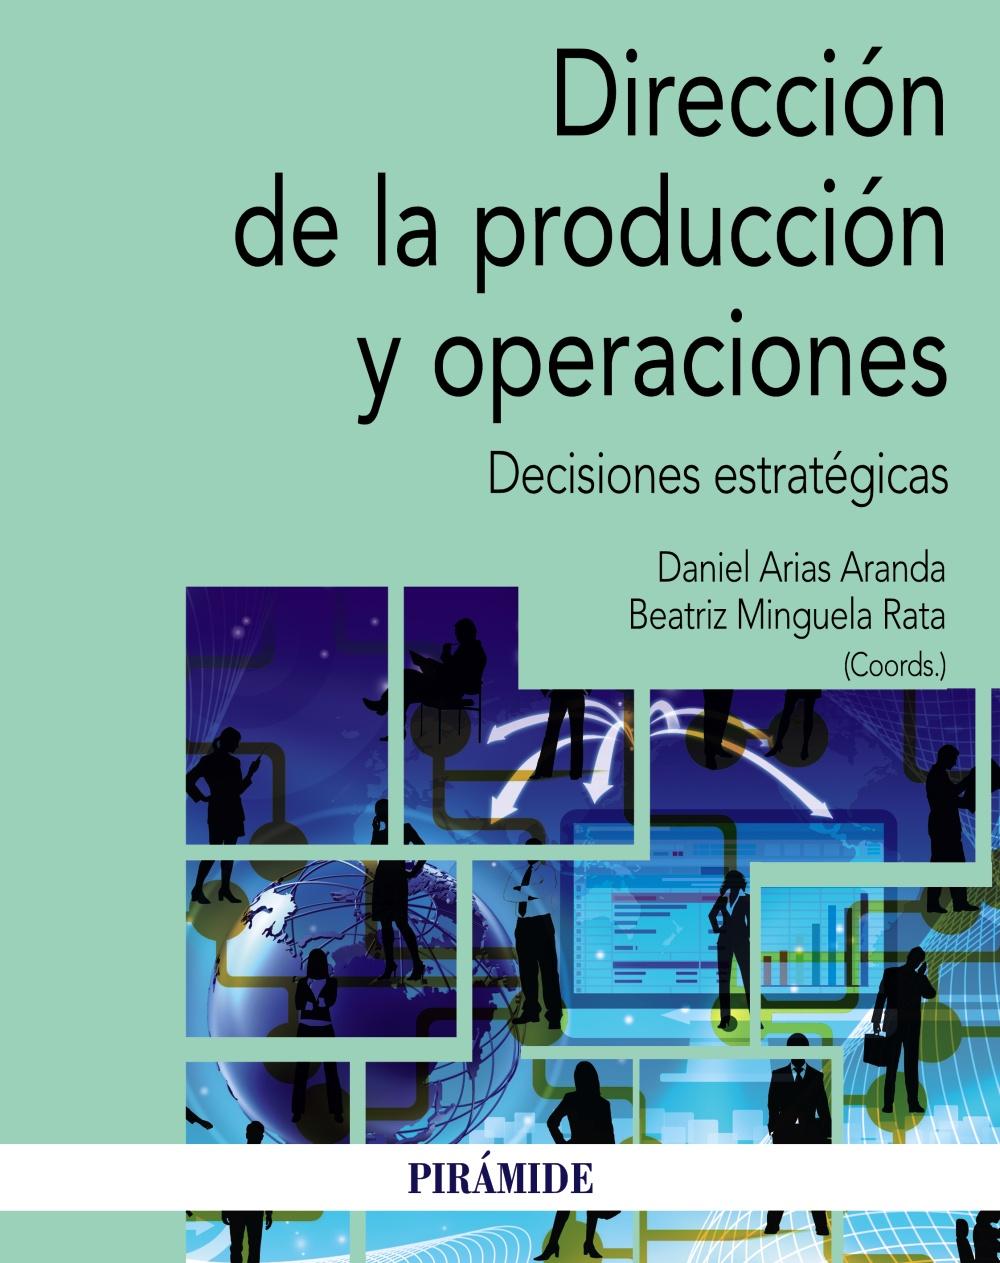 Direccion De La Produccion Y Operaciones: Decisiones Estrategicas por Daniel Arias Aranda;                                                                                                                                                                                                          Beatriz Minguela Rata